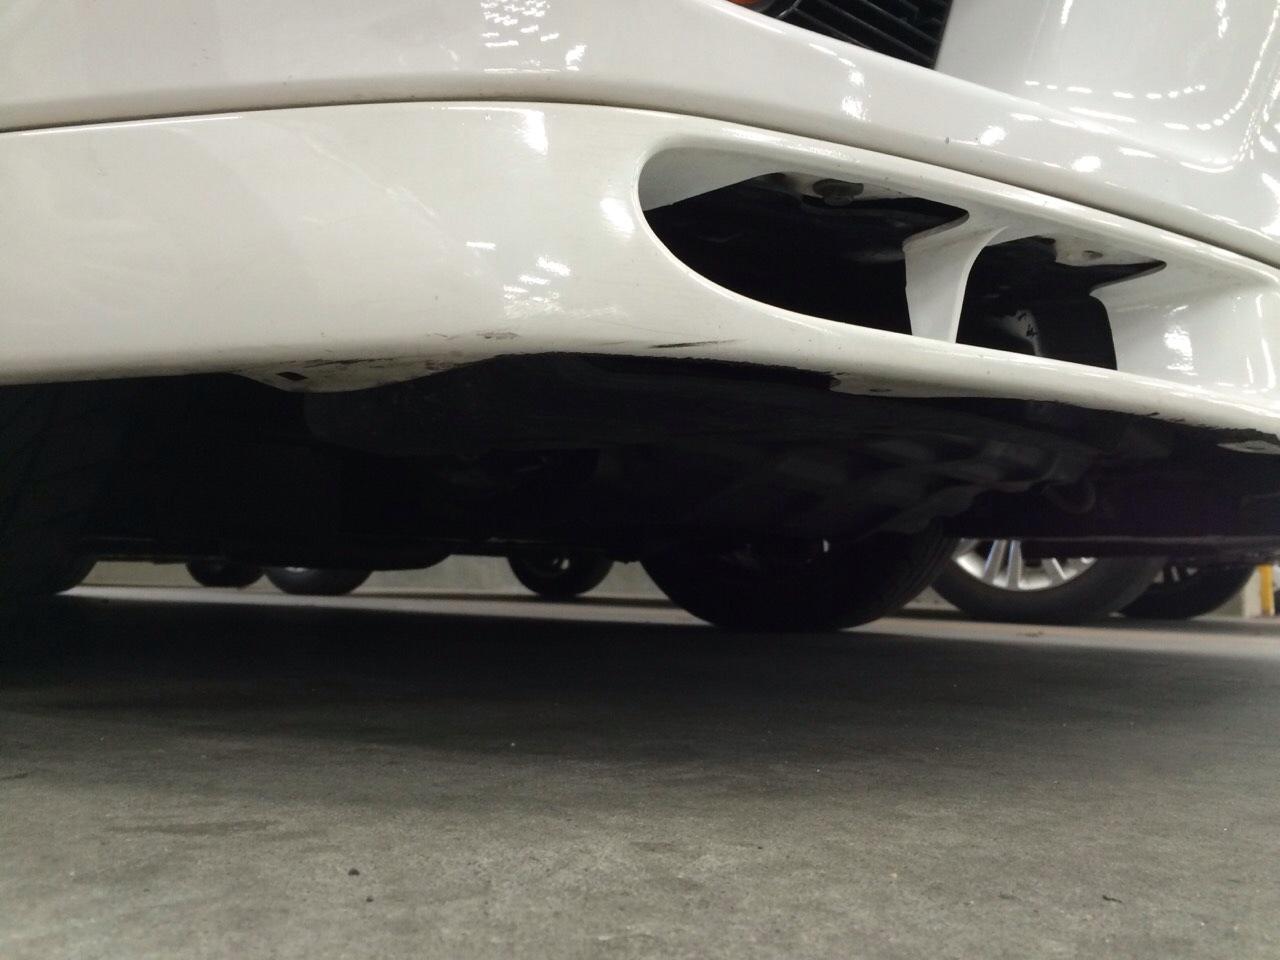 1995 Nissan Skyline R33 GTR VSpec front bumper spoiler